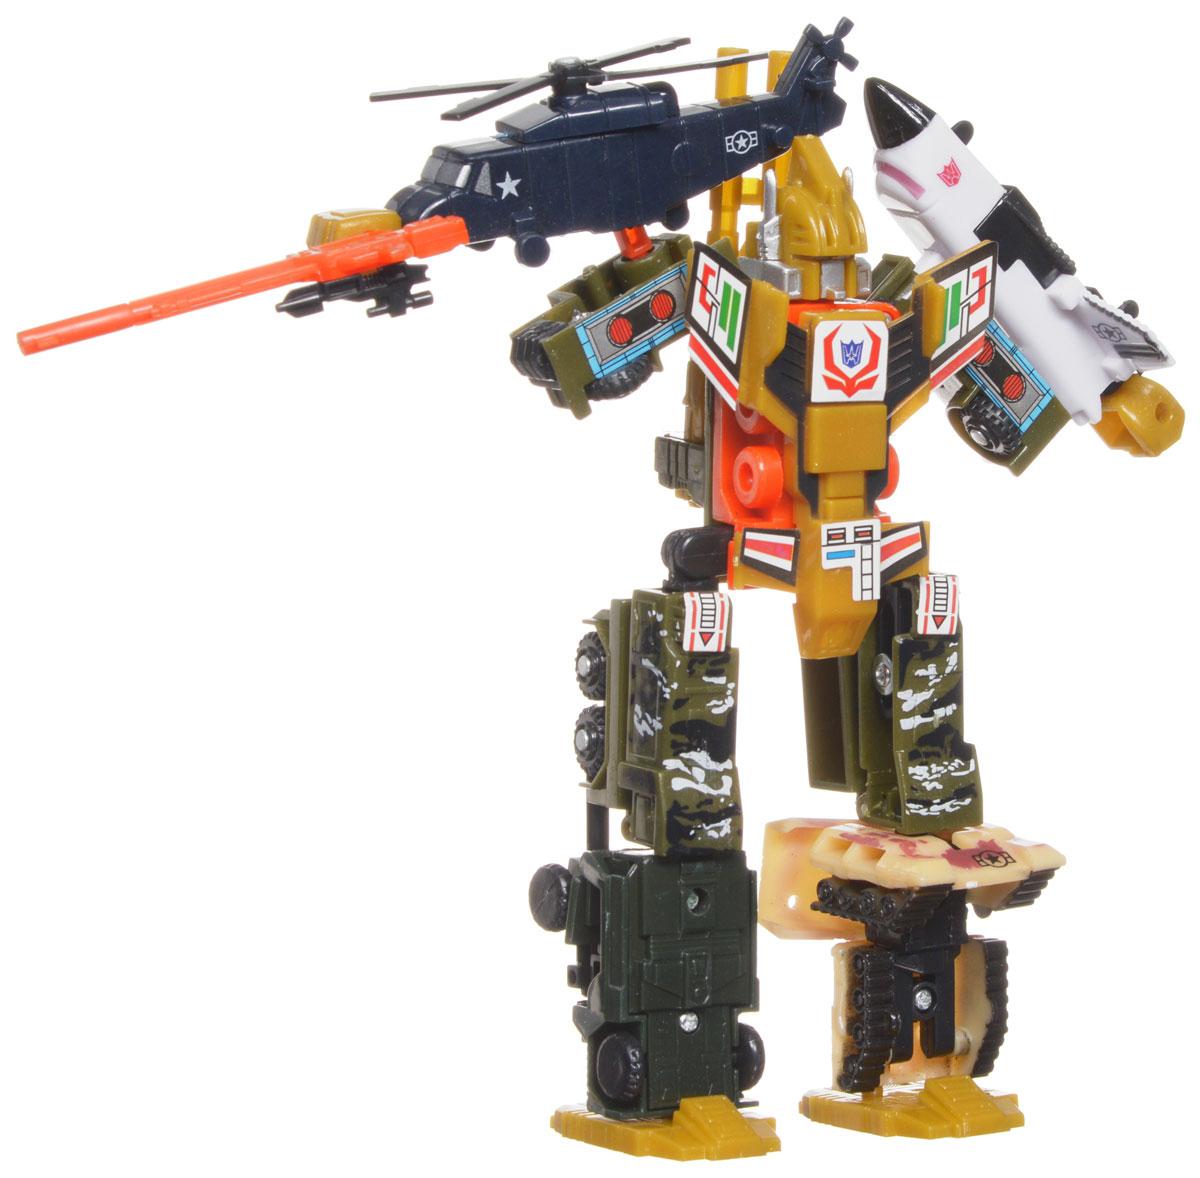 Play Smart Трансформер Робот ИстребительР41270Оригинальный робот-трансформер Истребитель от компании Play Smart, обязательно порадует вашего ребенка и надолго займет его внимание. Трансформер выполнен из яркого прочного пластика с металлическими элементами. Конструкция робота имеет подвижные соединения, благодаря чему игрушке можно придавать различные позы. Фигурка отличается высокой степенью детализации. Это модель 5 в 1. Большой трансформер разбирается на 5 маленьких отдельных роботов. Ваш ребенок с удовольствием будет играть с фигуркой, придумывая разные истории. Порадуйте его таким замечательным подарком!